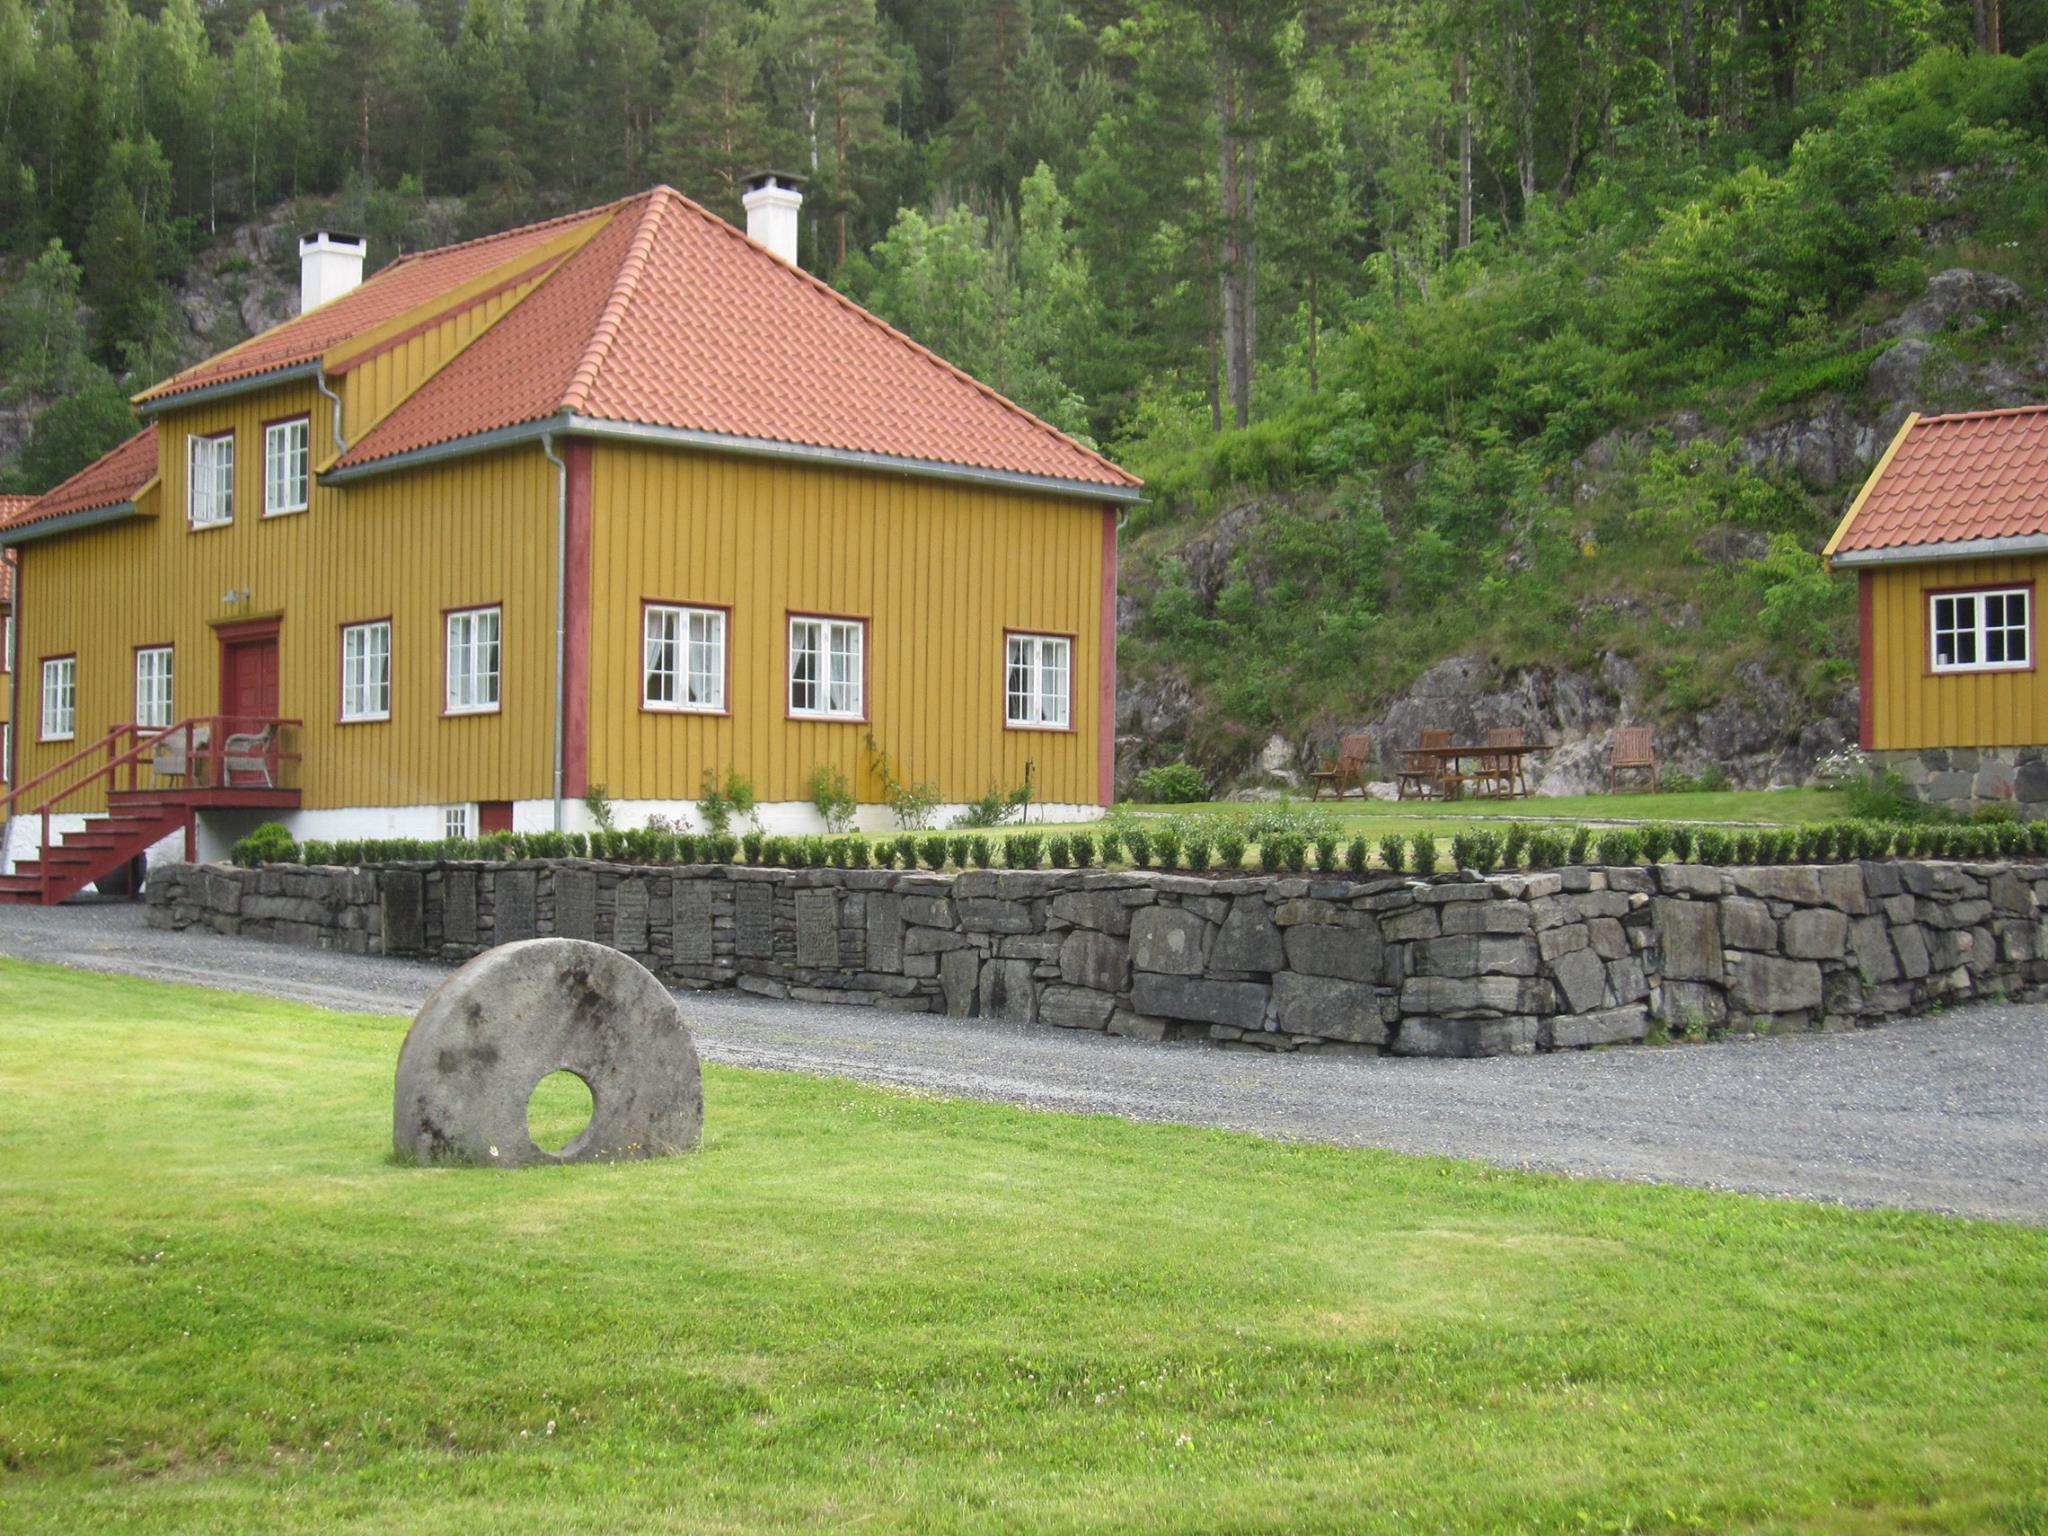 Foto: Helge R. Dalen